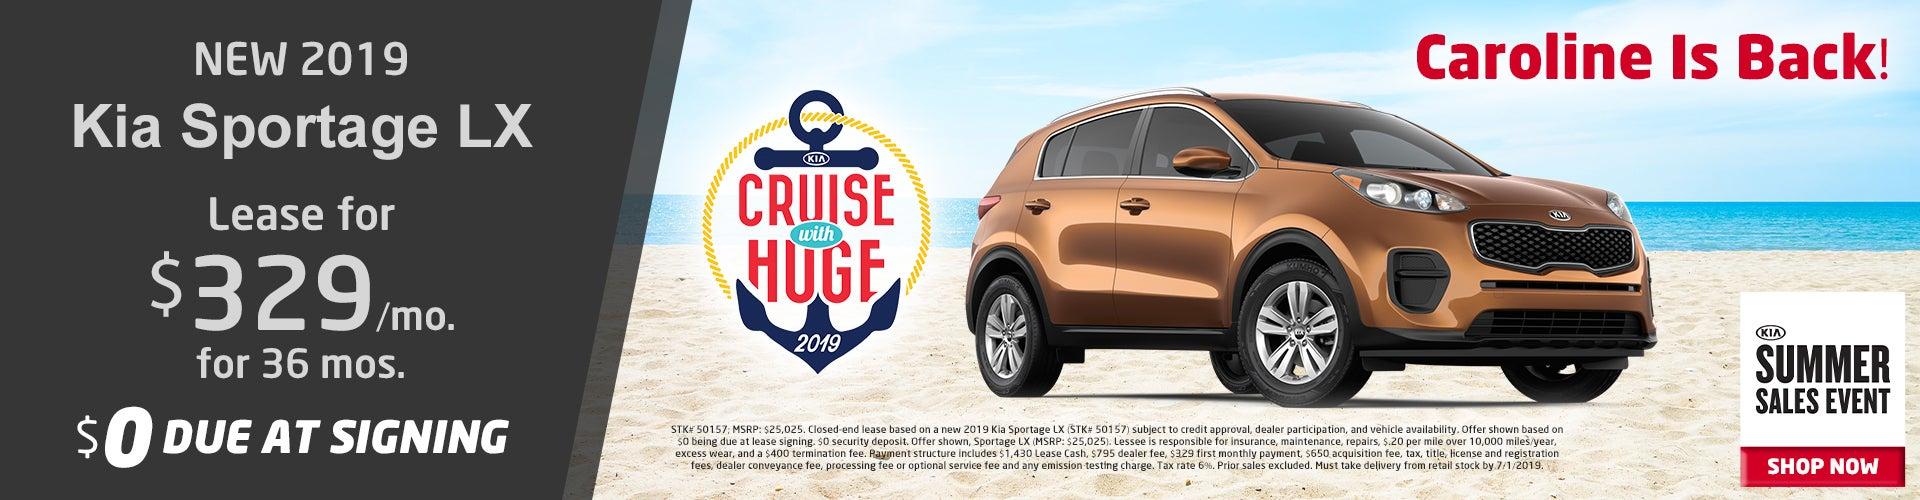 Fuccillo Kia Cape Coral >> New & Used Kia Vehicles | Kia Dealer Serving Cape Coral & Miami, FL